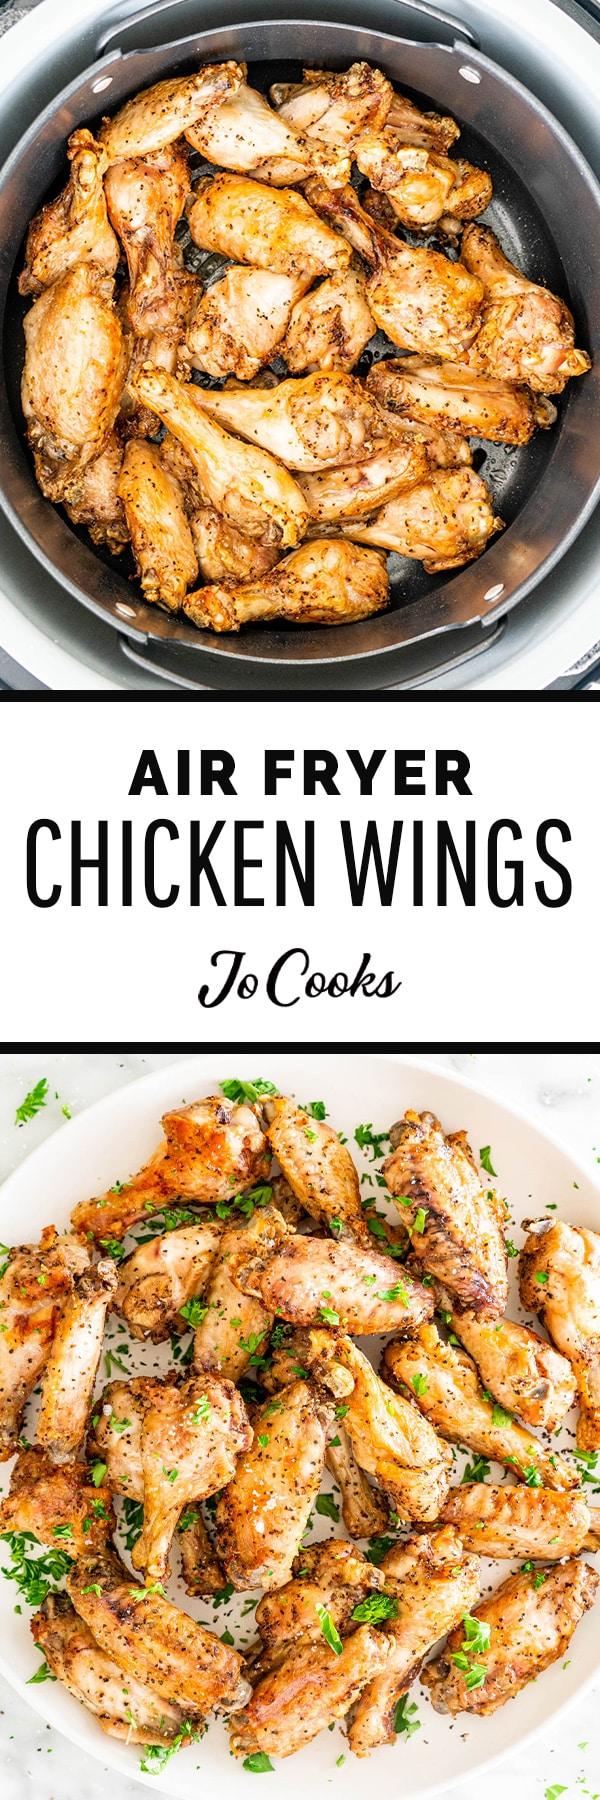 Air Fryer Chicken Wings Jo Cooks